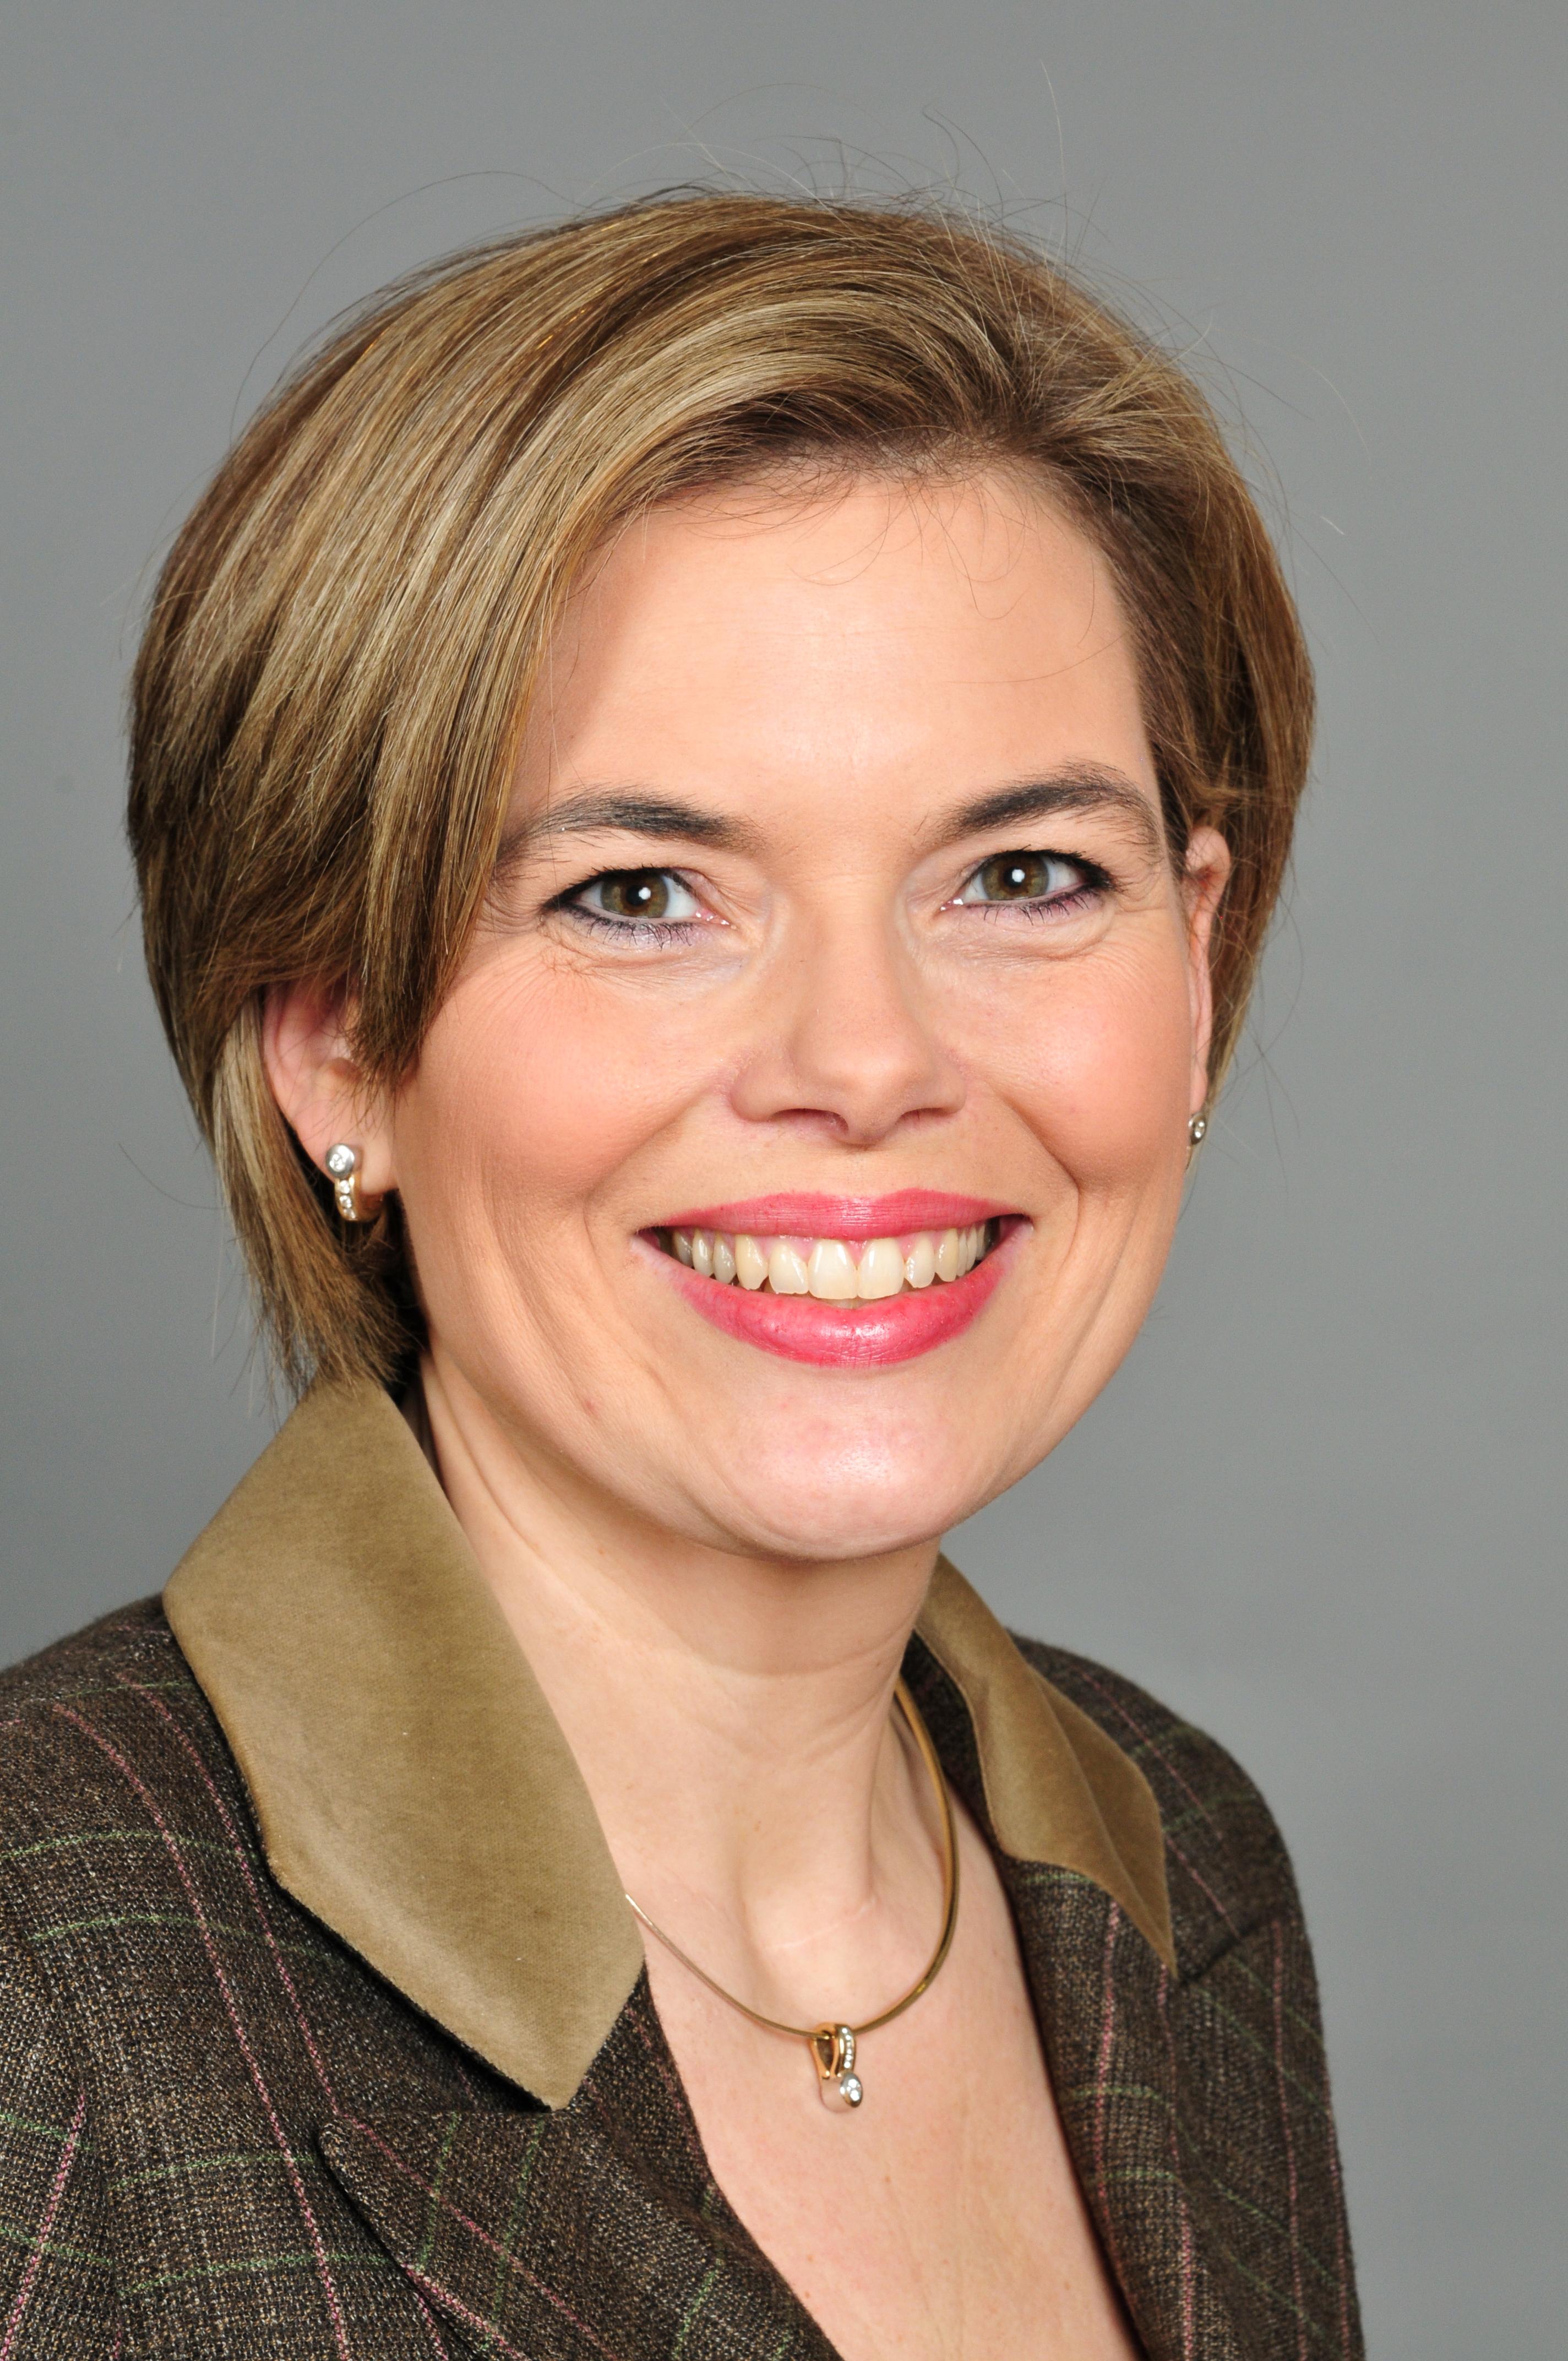 datei14 02 19 julia klckner ralfr 4 - Julia Klckner Lebenslauf